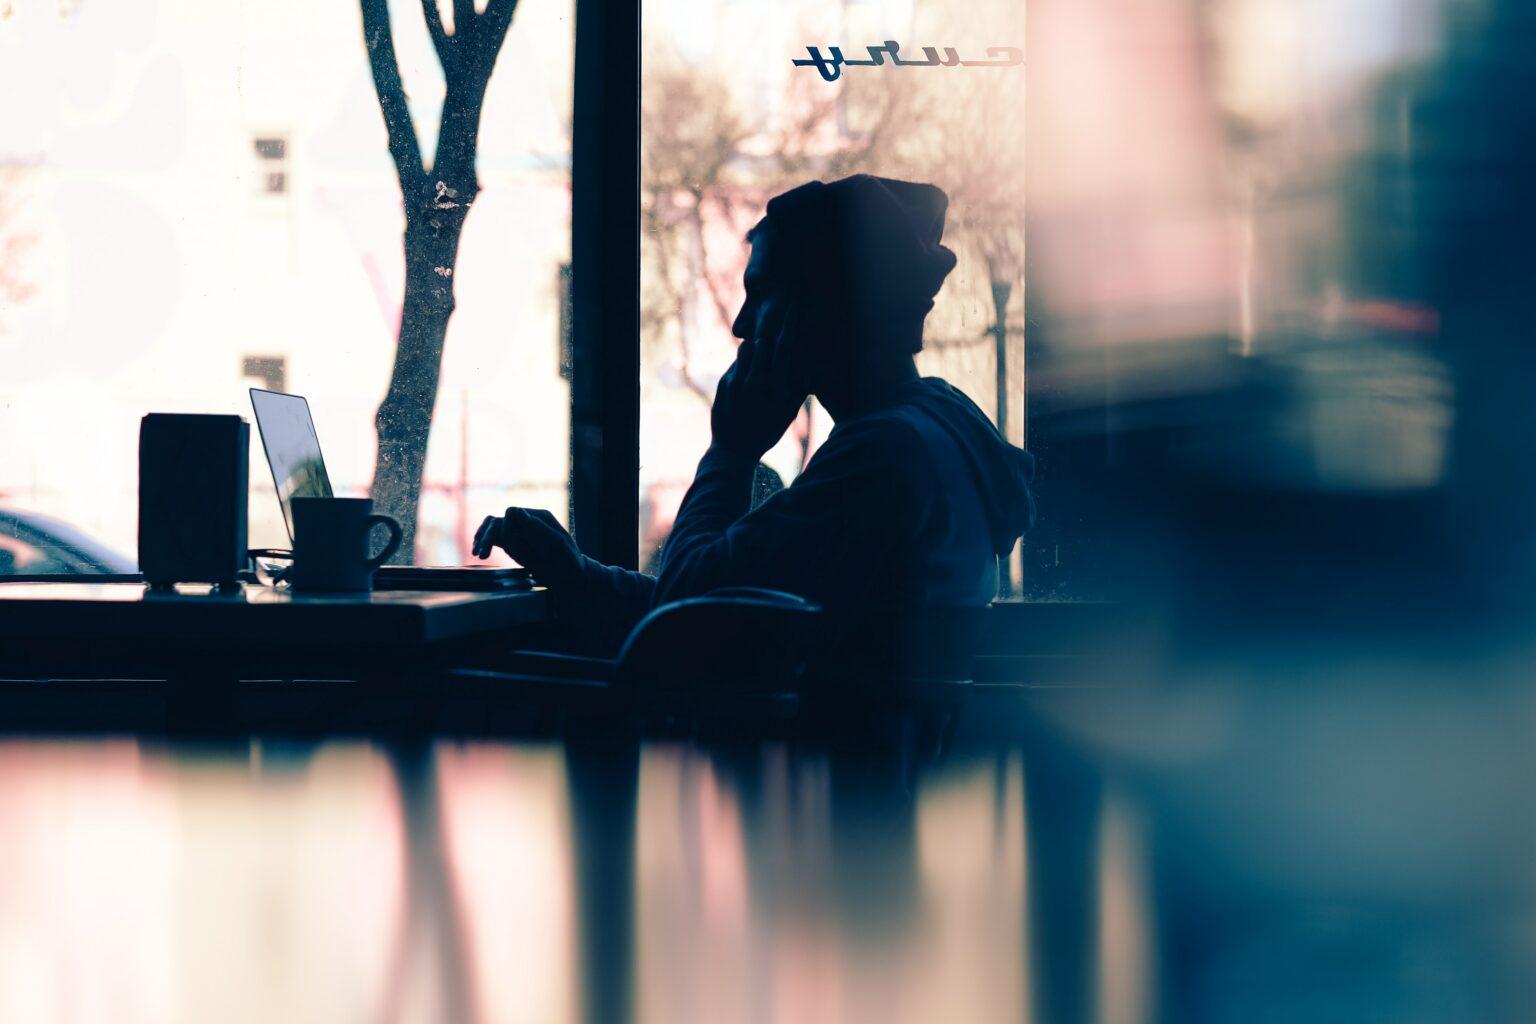 Foto einer Perrson im Gegenlicht, die am Laptop sitzt als Symbolbild für das Training Teams virtuell führen